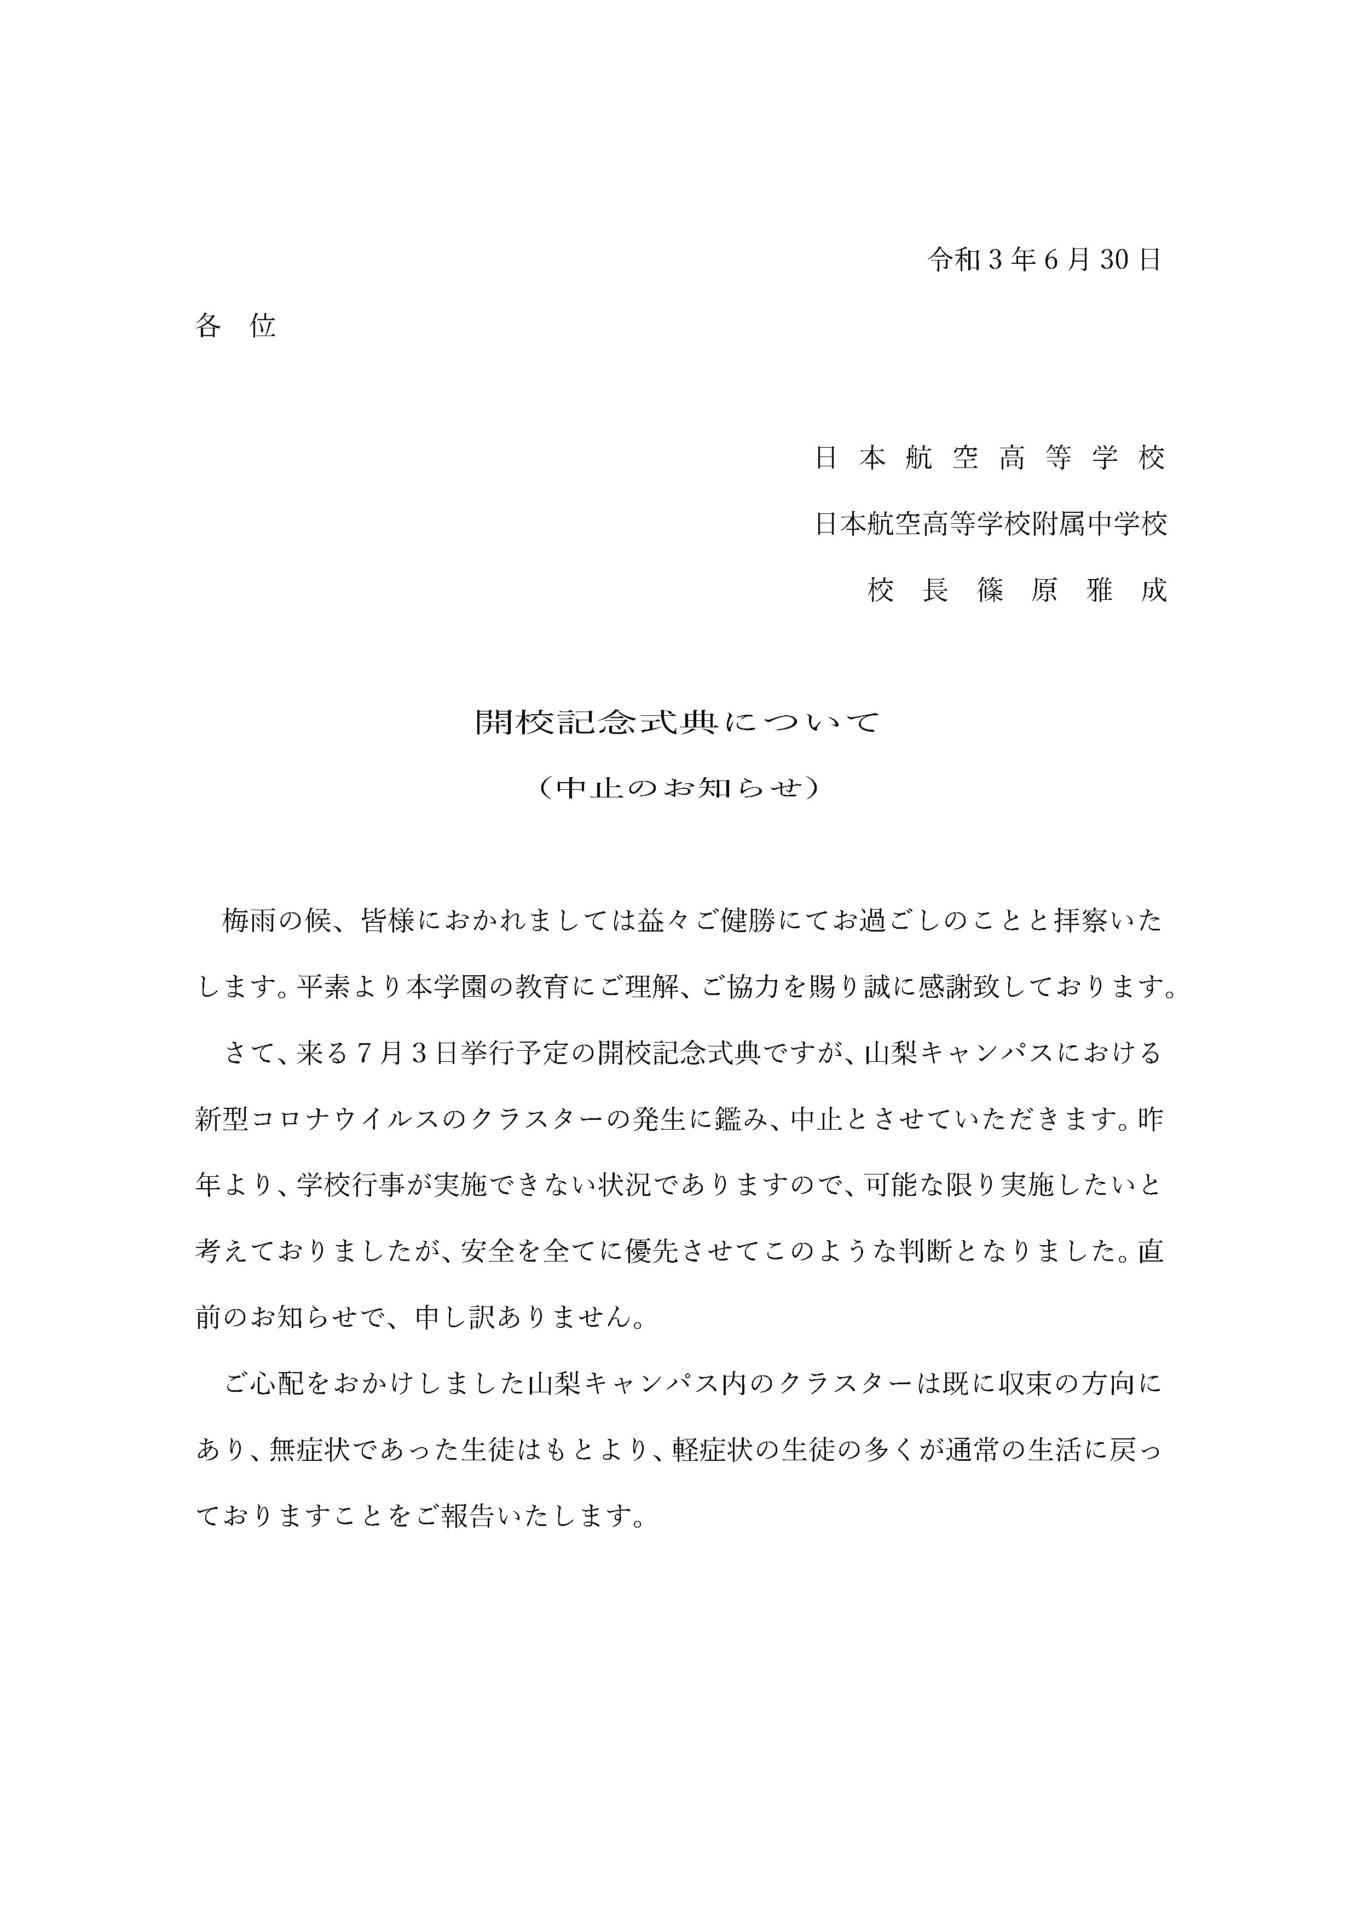 """<span class=""""title"""">【お知らせ】開校記念式典について(山梨キャンパス)</span>"""